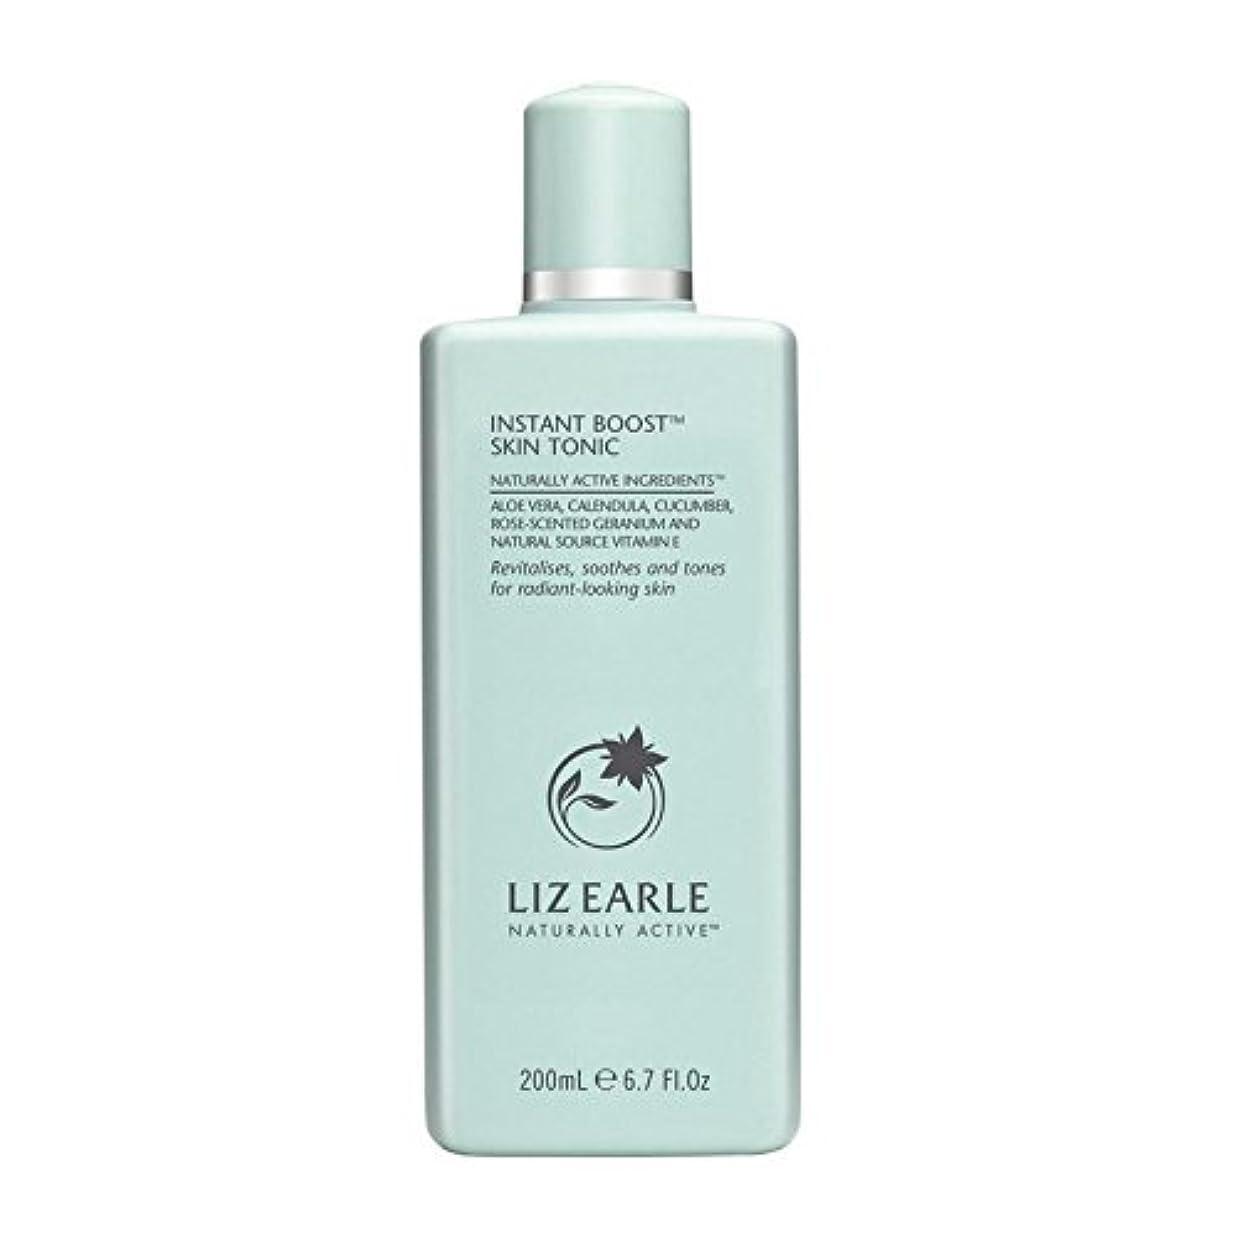 フロンティア保護ヒゲLiz Earle Instant Boost Skin Tonic Bottle 200ml - リズアールインスタントブーストスキントニックボトル200ミリリットル [並行輸入品]